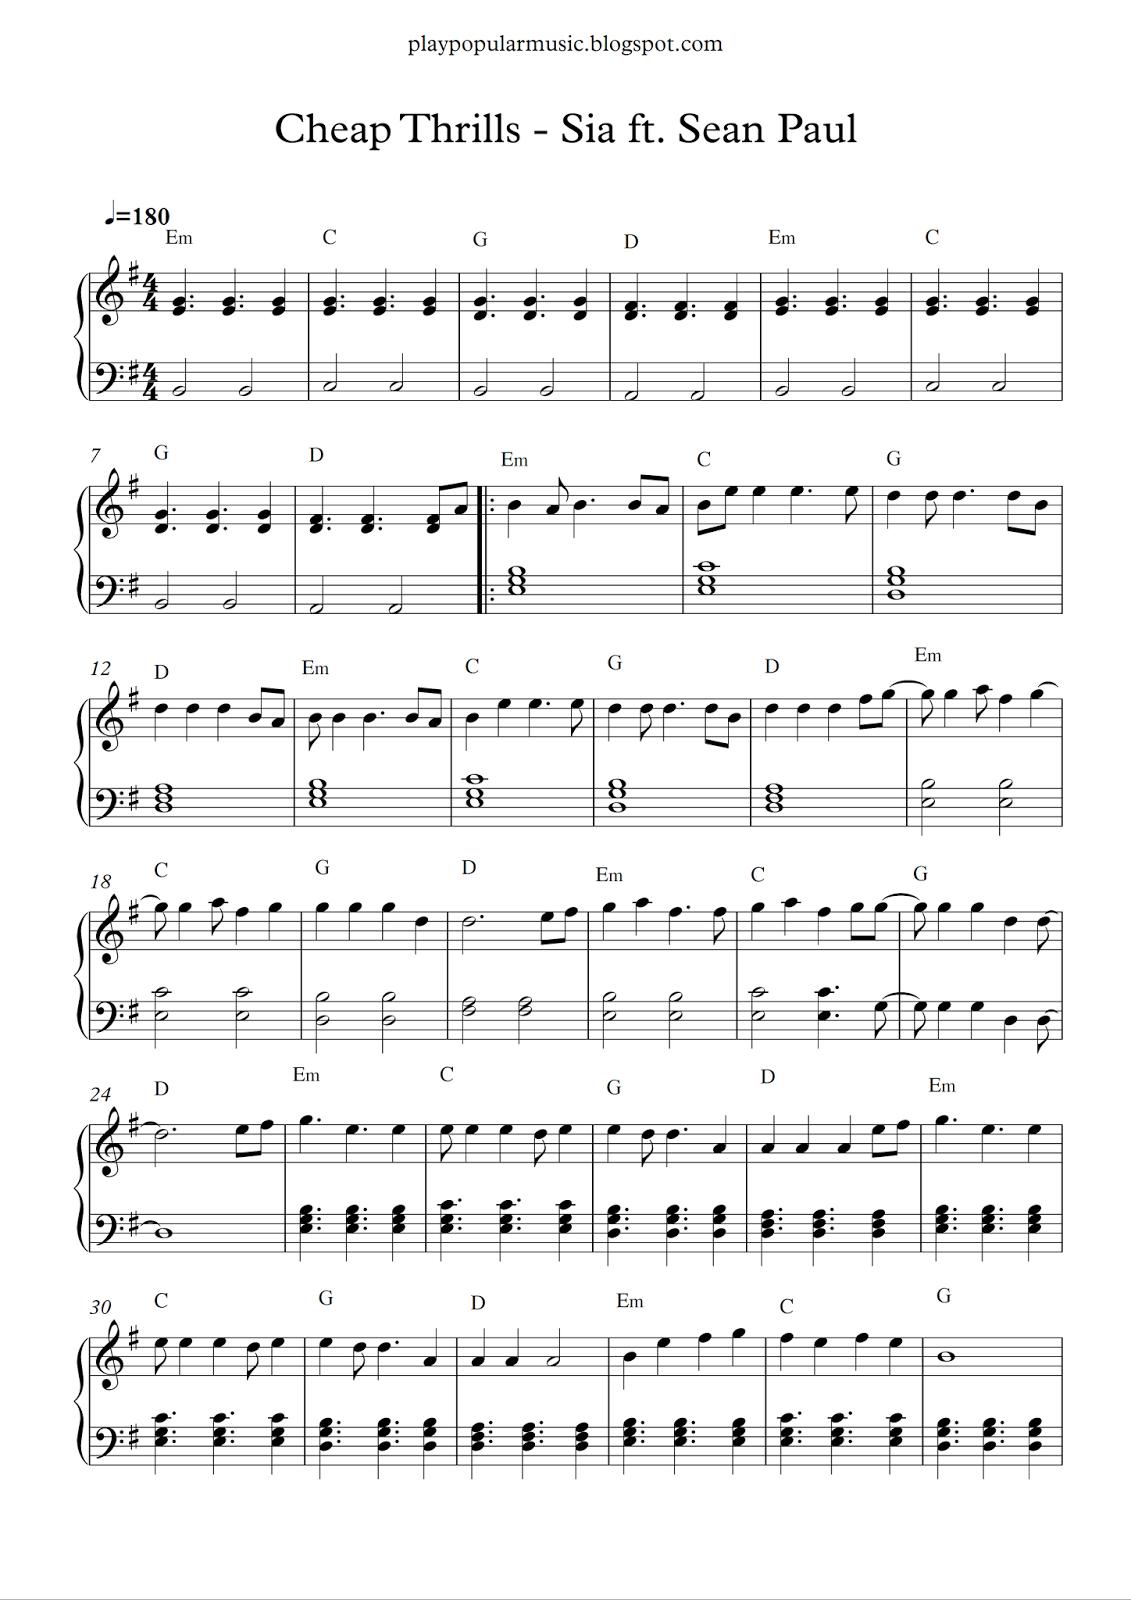 Free piano sheet music Cheap Thrills Sia ft. Sean Paul